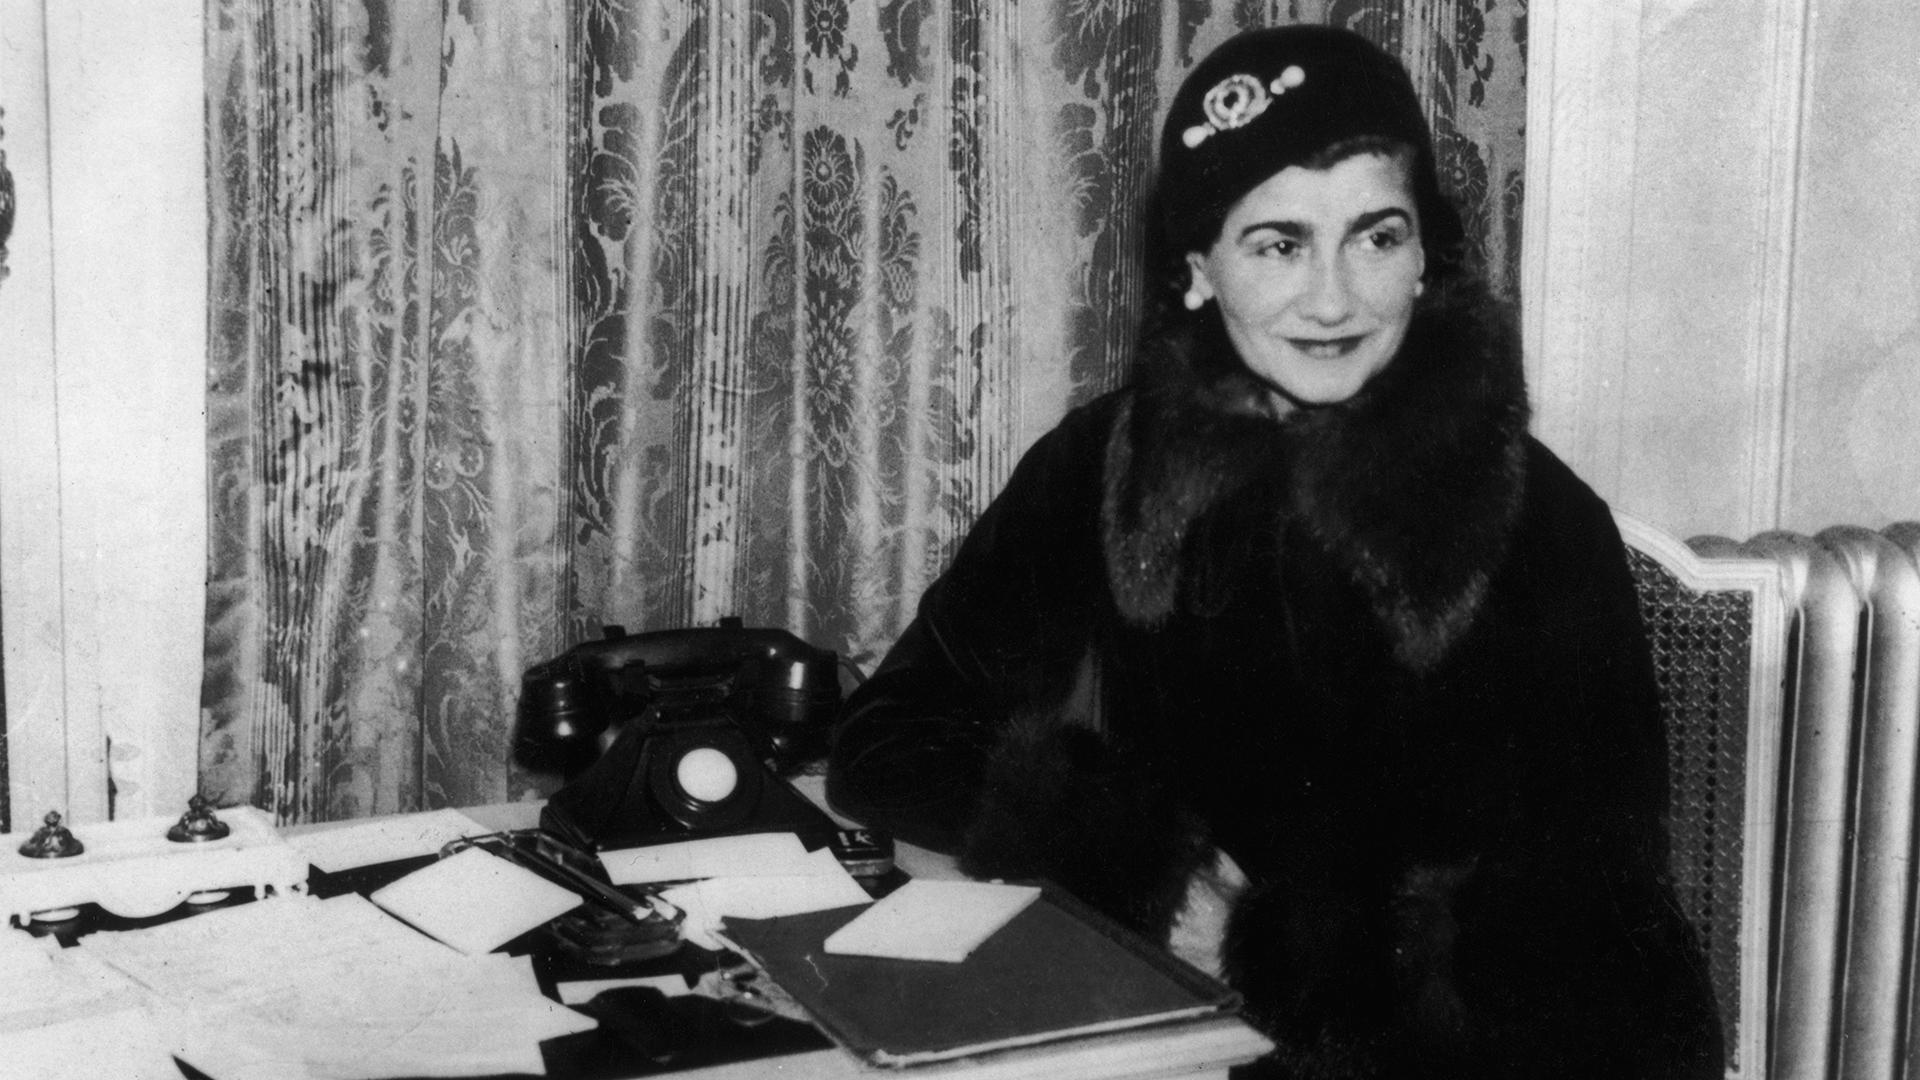 Sin formación precisa, al mudarse a París comenzó a diseñar sombreros femeninos (Keystone/Hulton Archive/Getty Images)